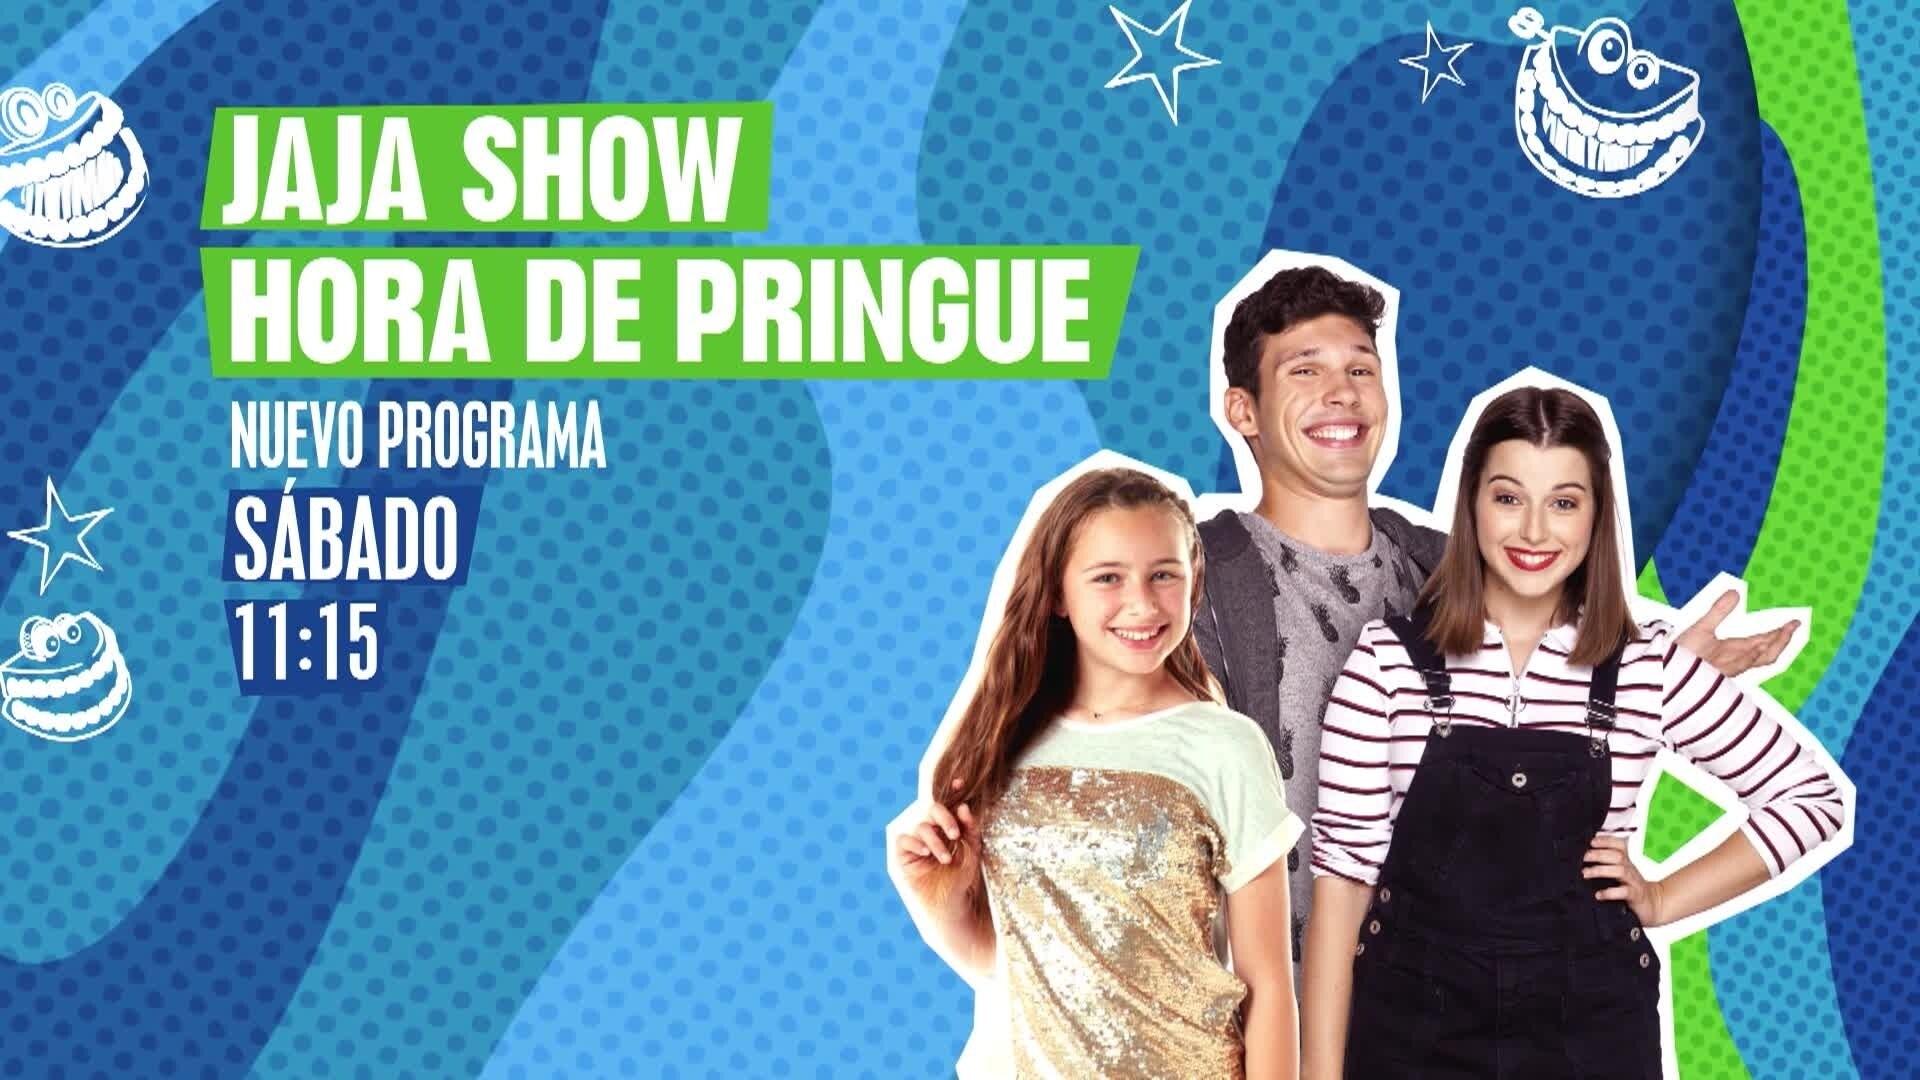 """Nuevos programas de """"JaJa Show: Hora de pringue"""""""